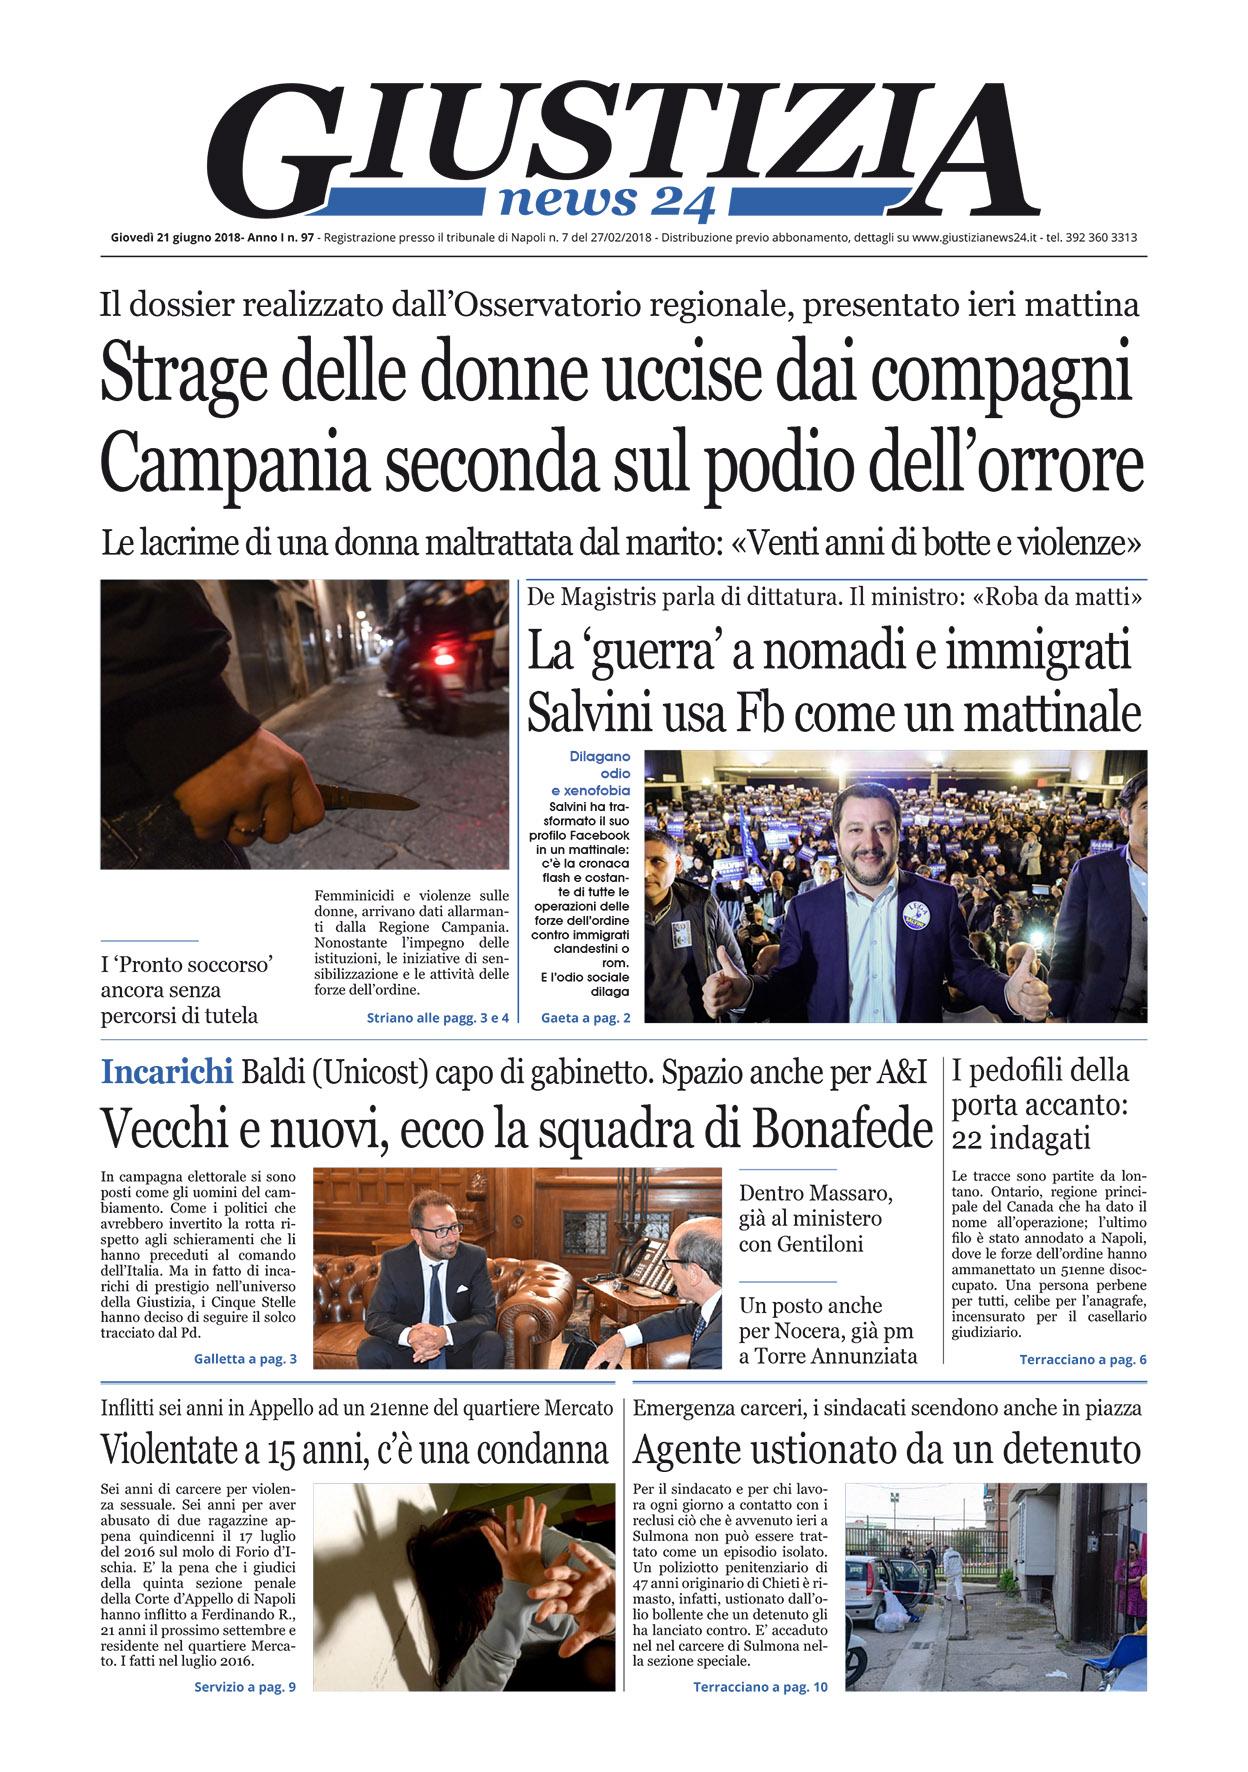 Le esclusive processi cronaca e politica in vetrina il giornale digitale di gioved 21 giugno - Diva e donne giornale ...